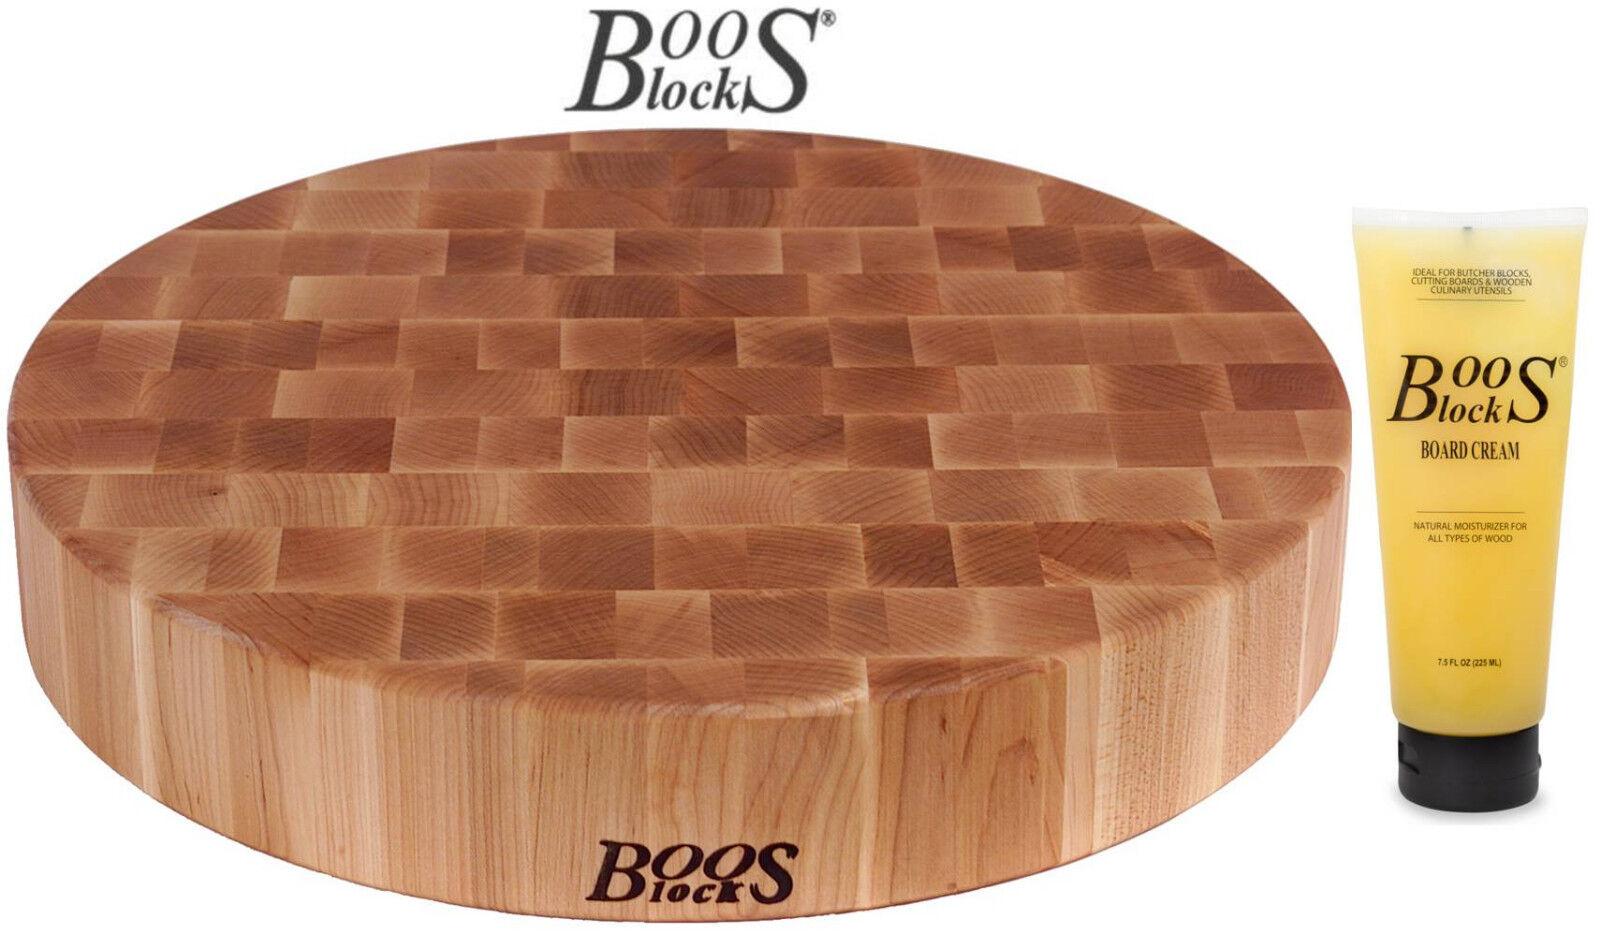 Boos blocco Prep blocco taglio Brett acero Ø 46 x 7,5 cm + Crema per la cura  bb28